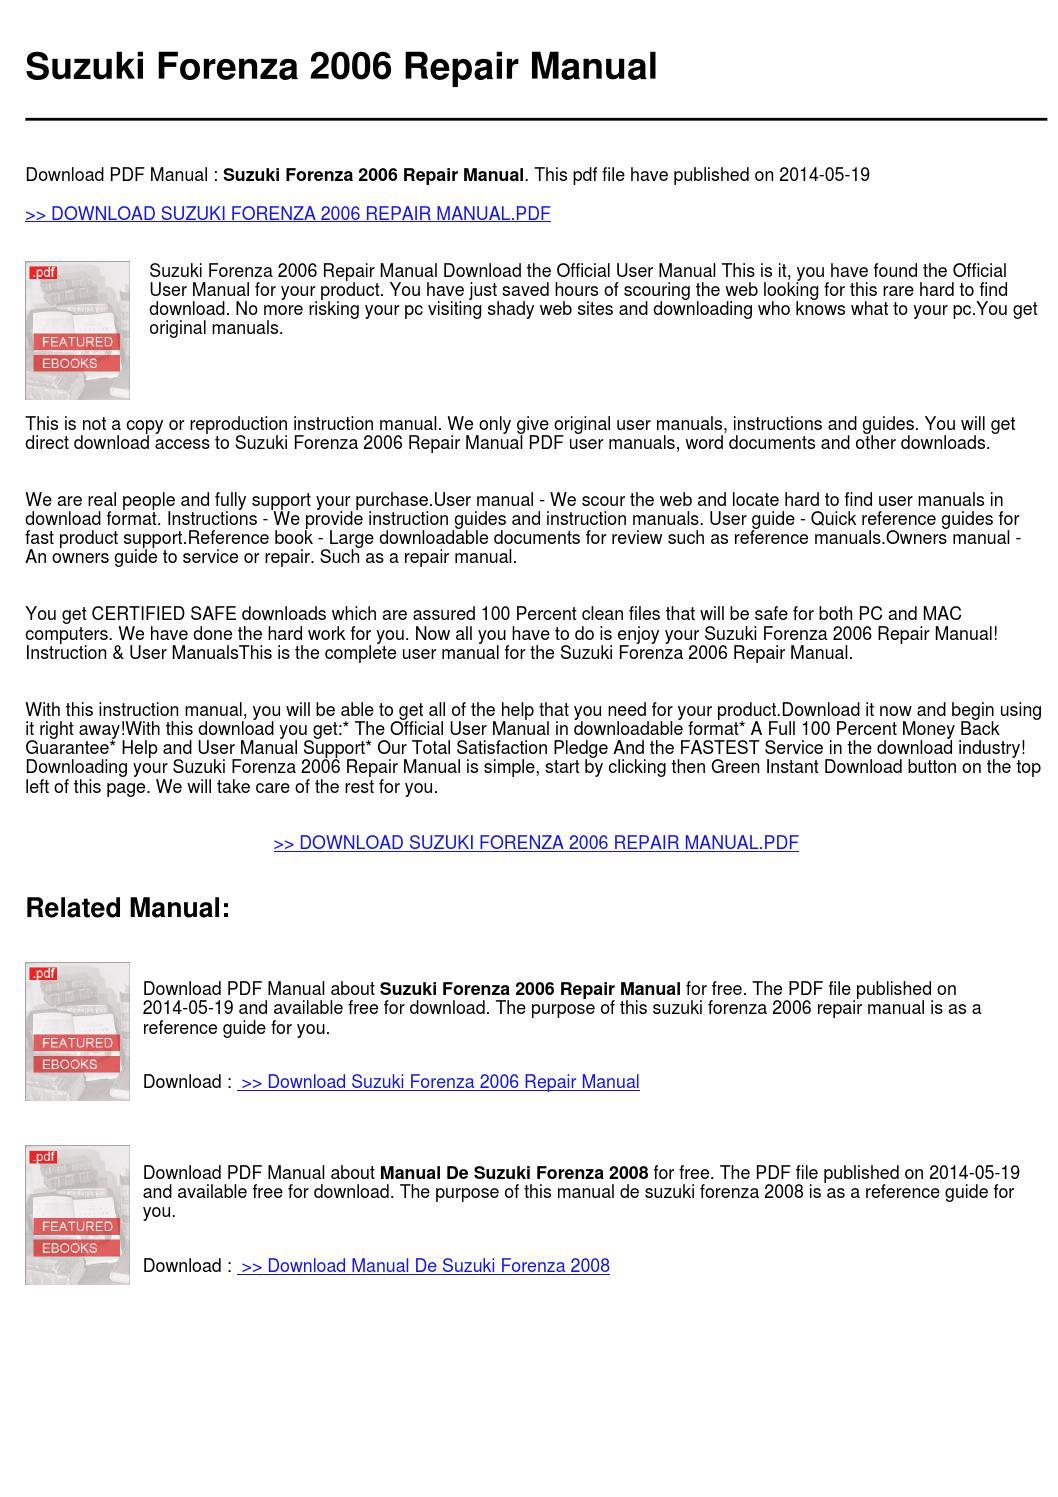 suzuki forenza 2006 repair manual by rossa utrech issuu rh issuu com 06 Suzuki Forenza Wheel 2006 suzuki forenza service manual pdf